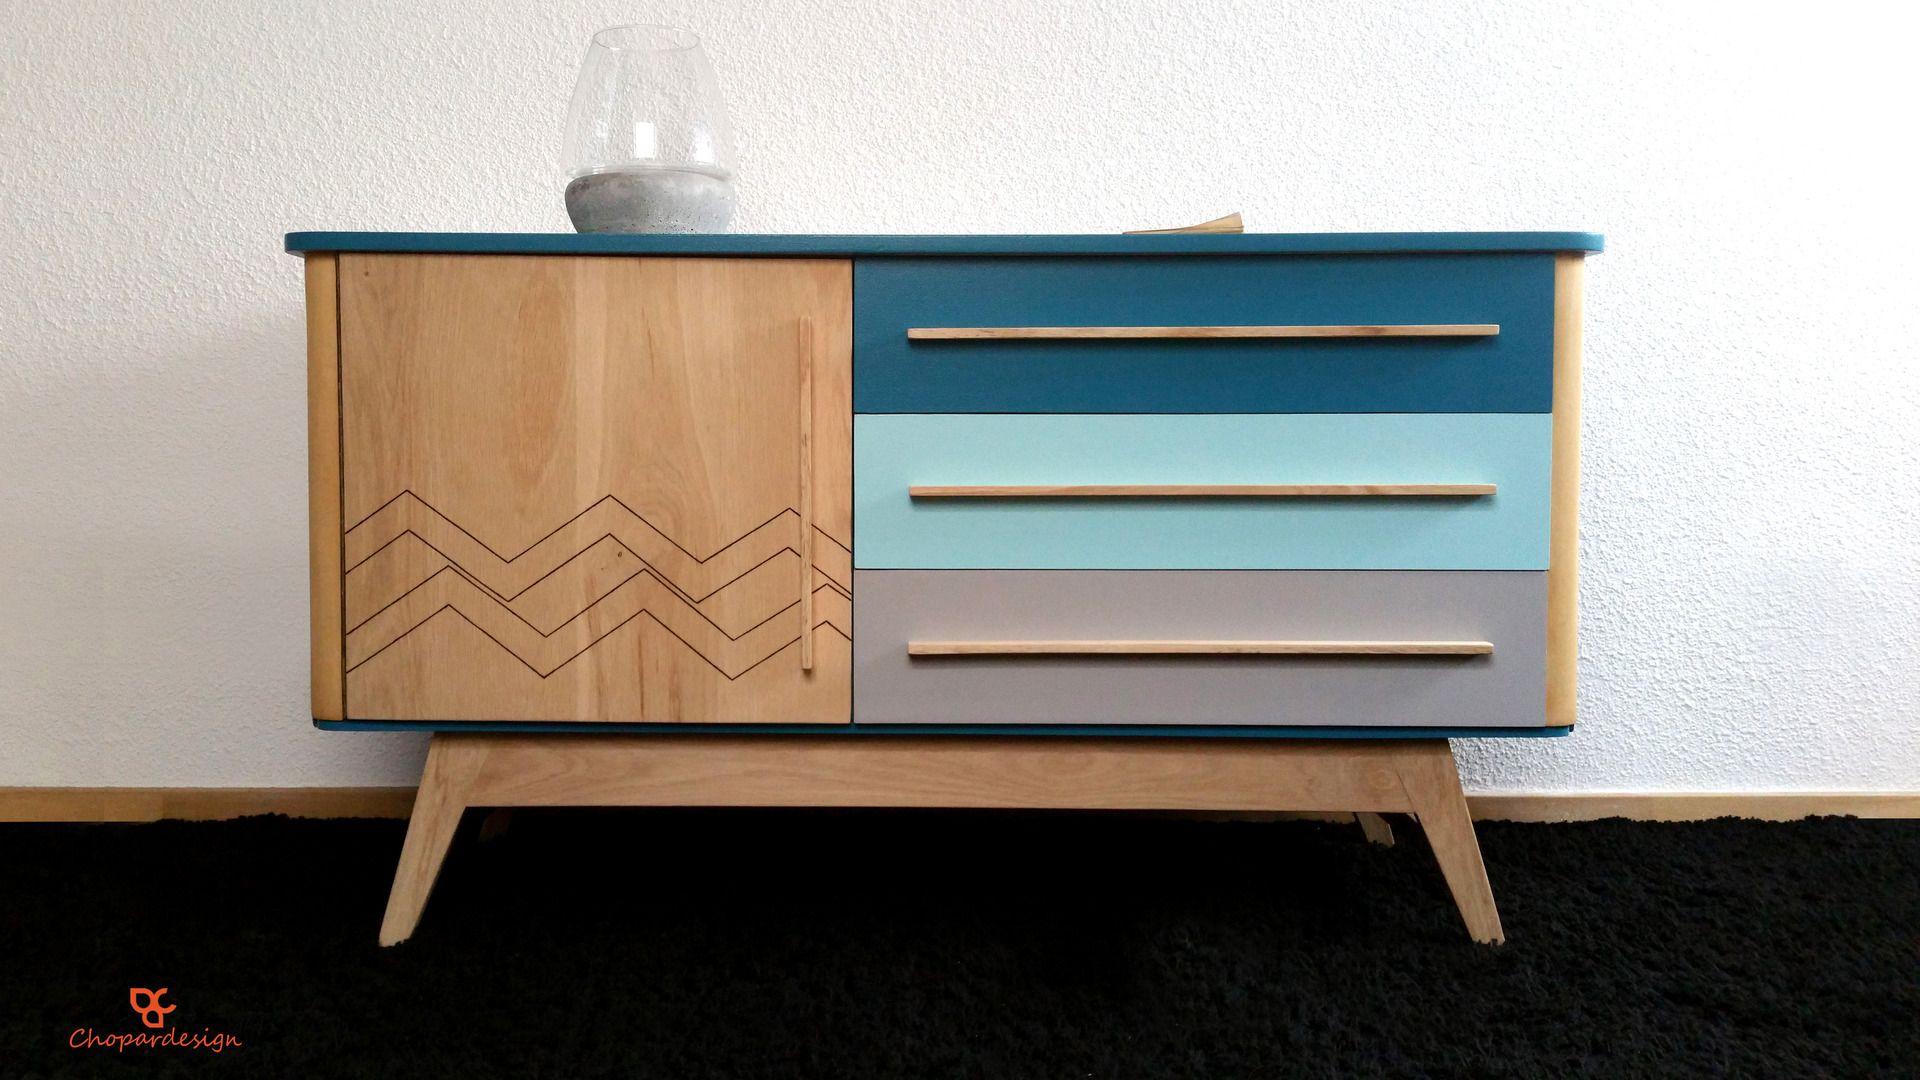 Enfilade Scandinave Relookee Bois Et Bleu Meubles Et Rangements Par Chopardesign Mobilier De Salon Meubles En Teck Meuble Vintage